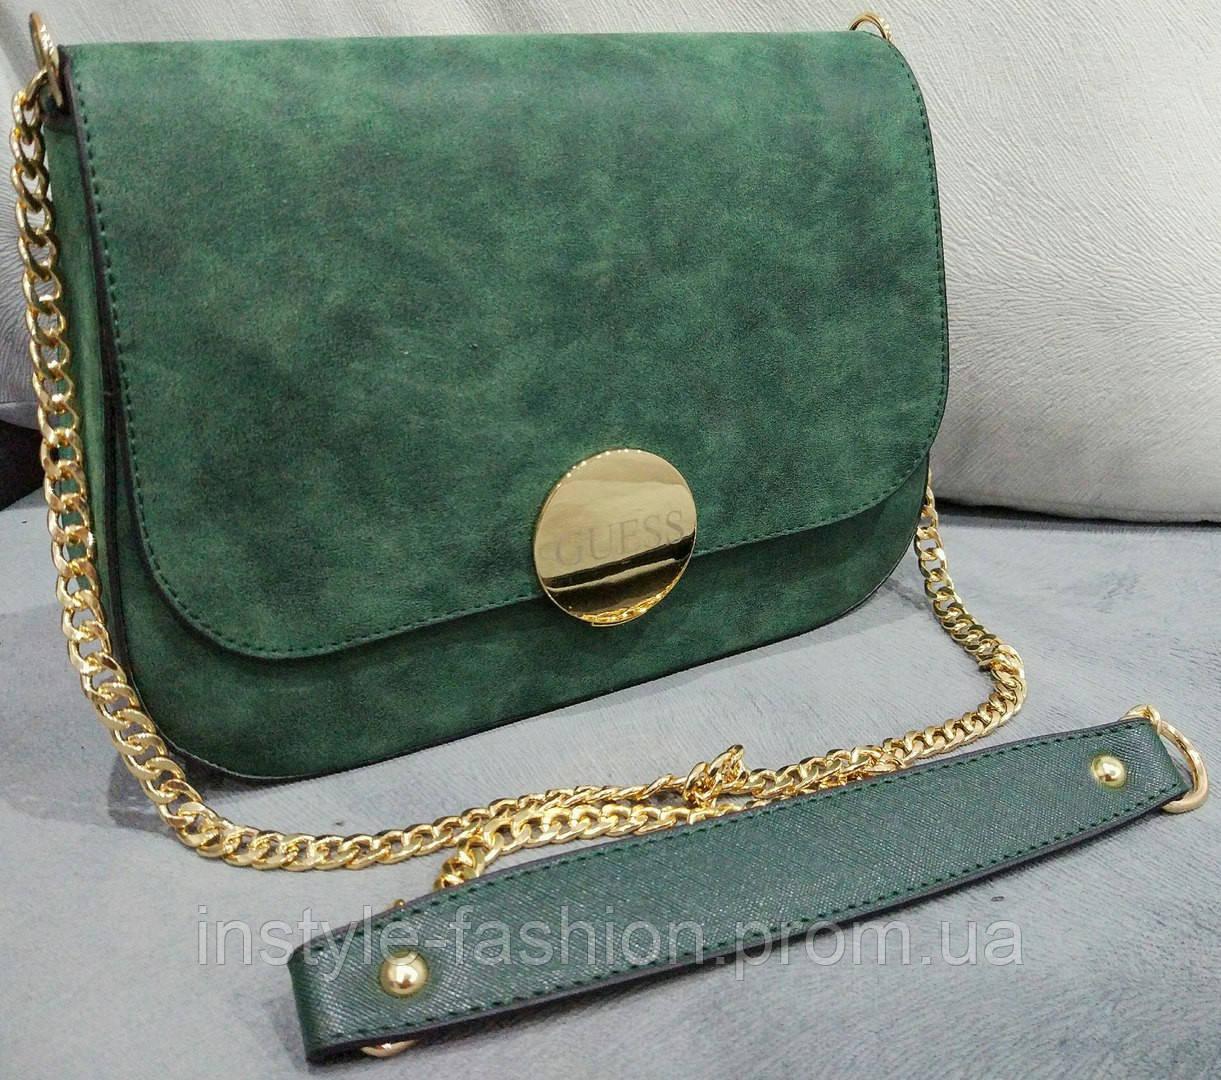 0dad9c65b391 Женский клатч Guess Гесс на цепочке зеленый - Сумки брендовые, кошельки,  очки, женская